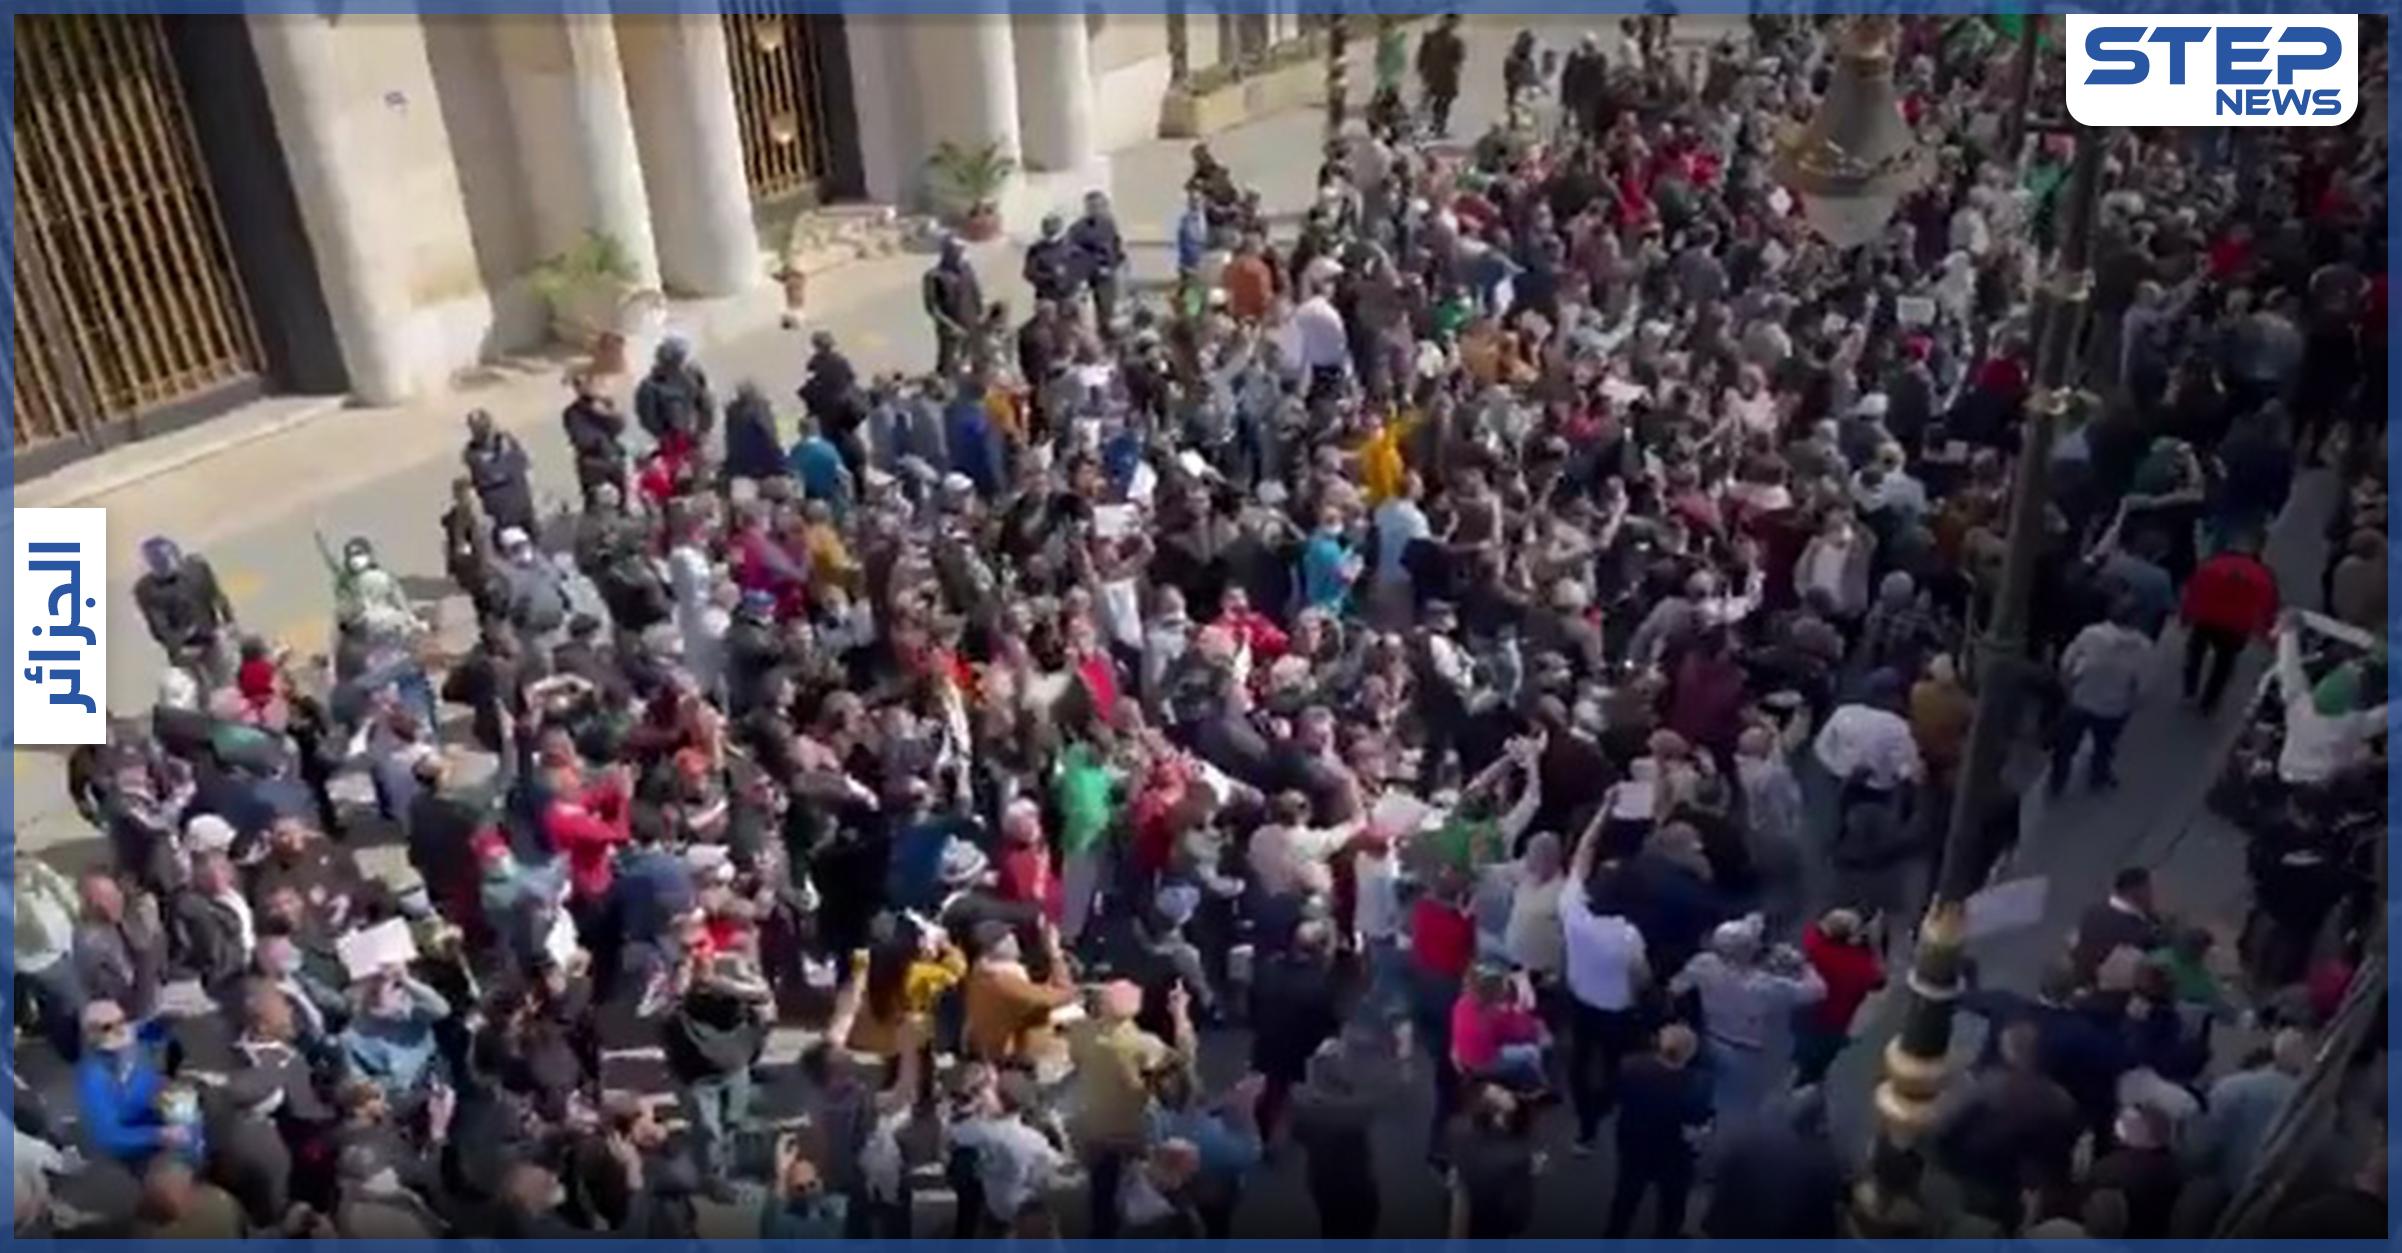 بالفيديو    مشاهد مؤثرة.. إصابات بين متظاهرين في الجزائر بعد مواجهات عنيفة